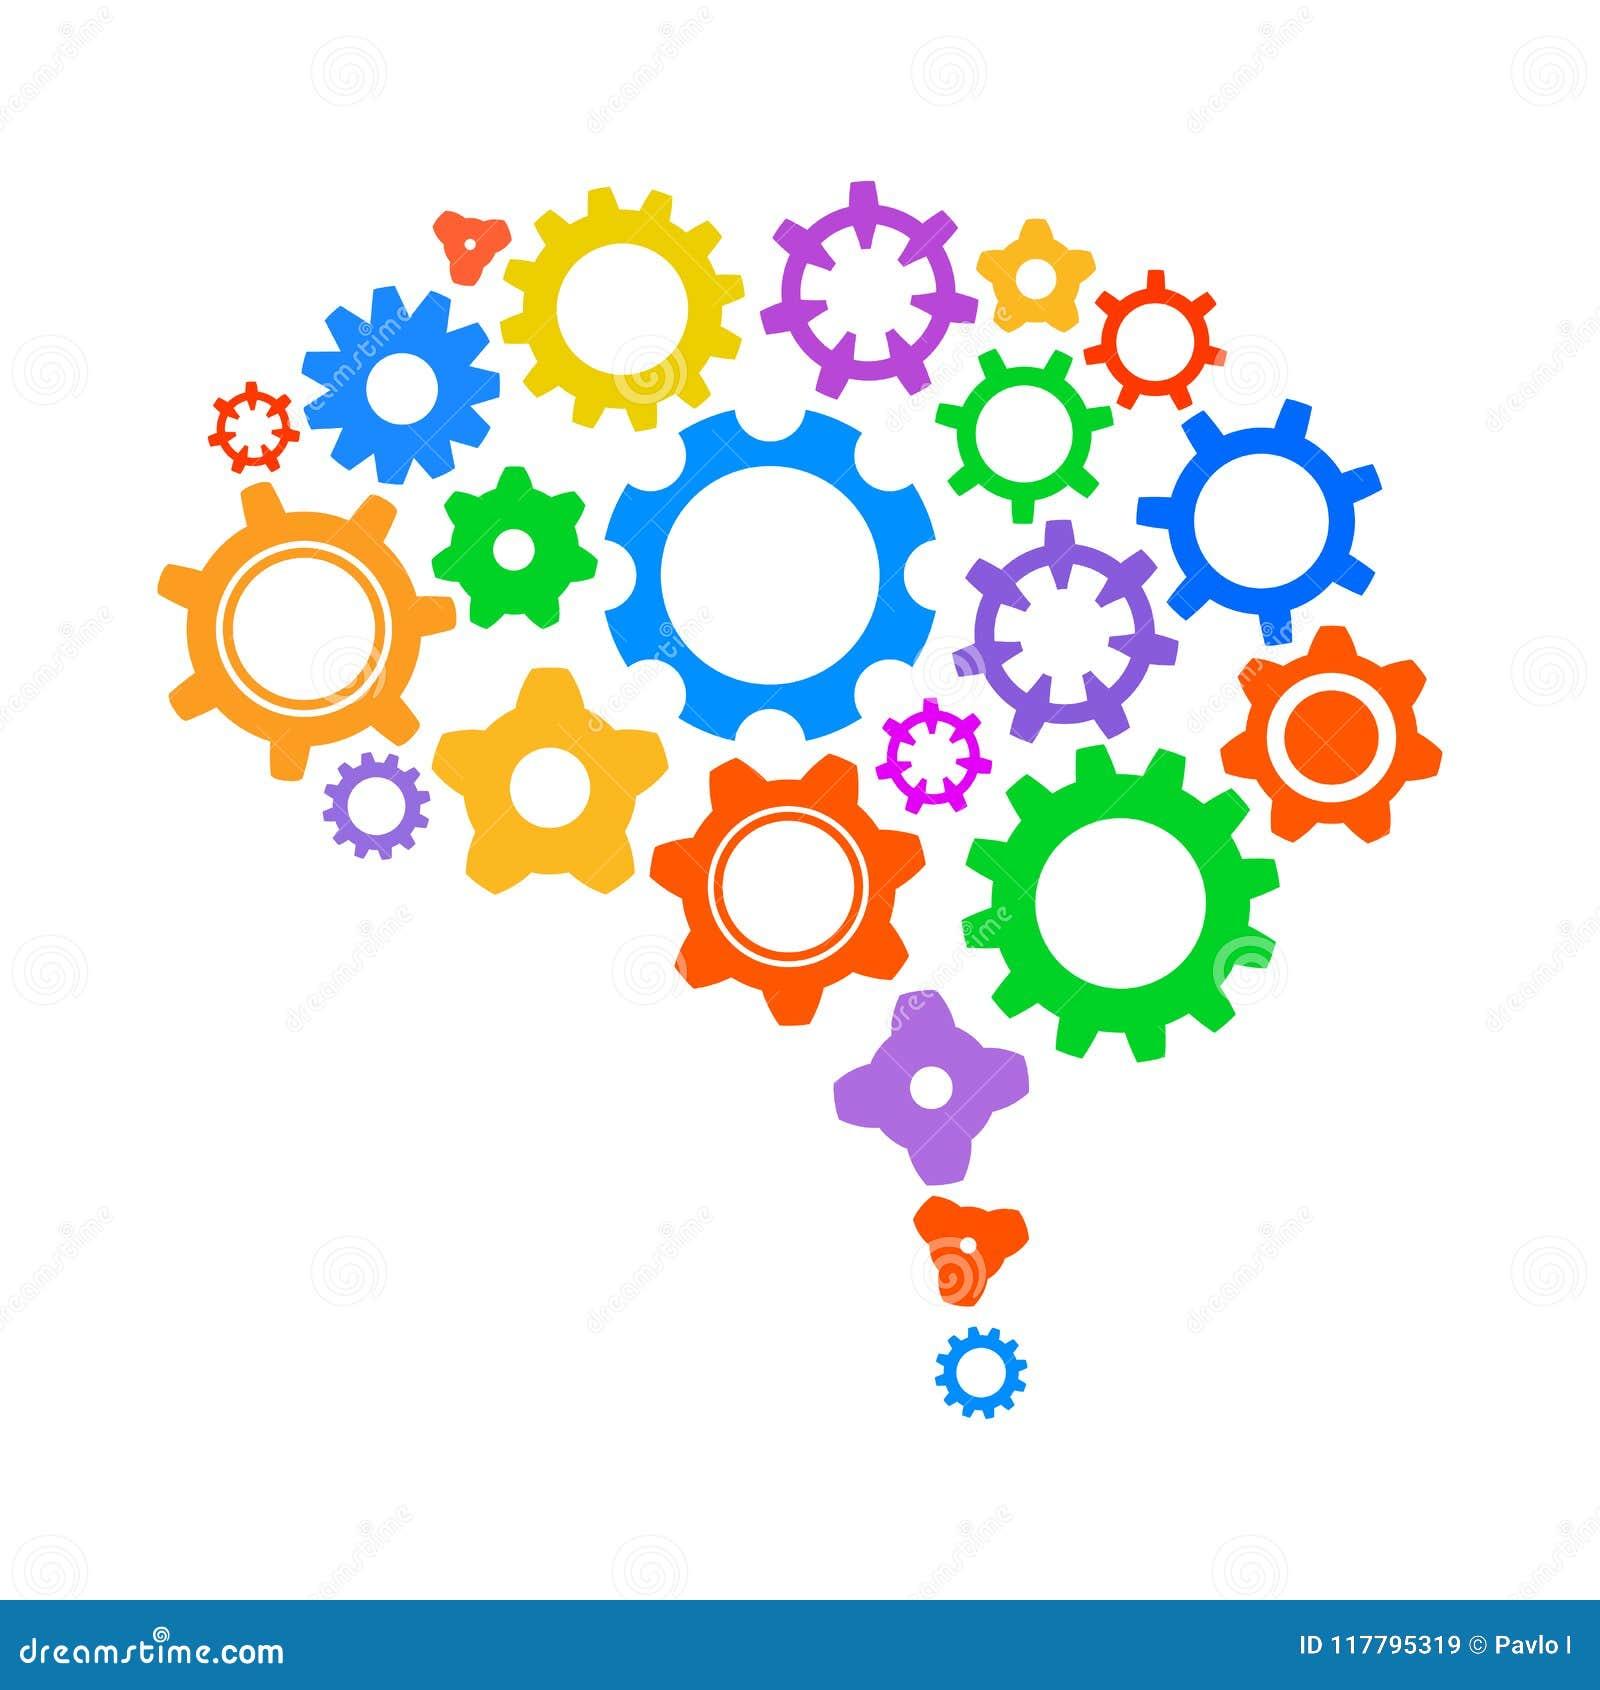 Concepto creativo el cerebro humano del engranaje - vector